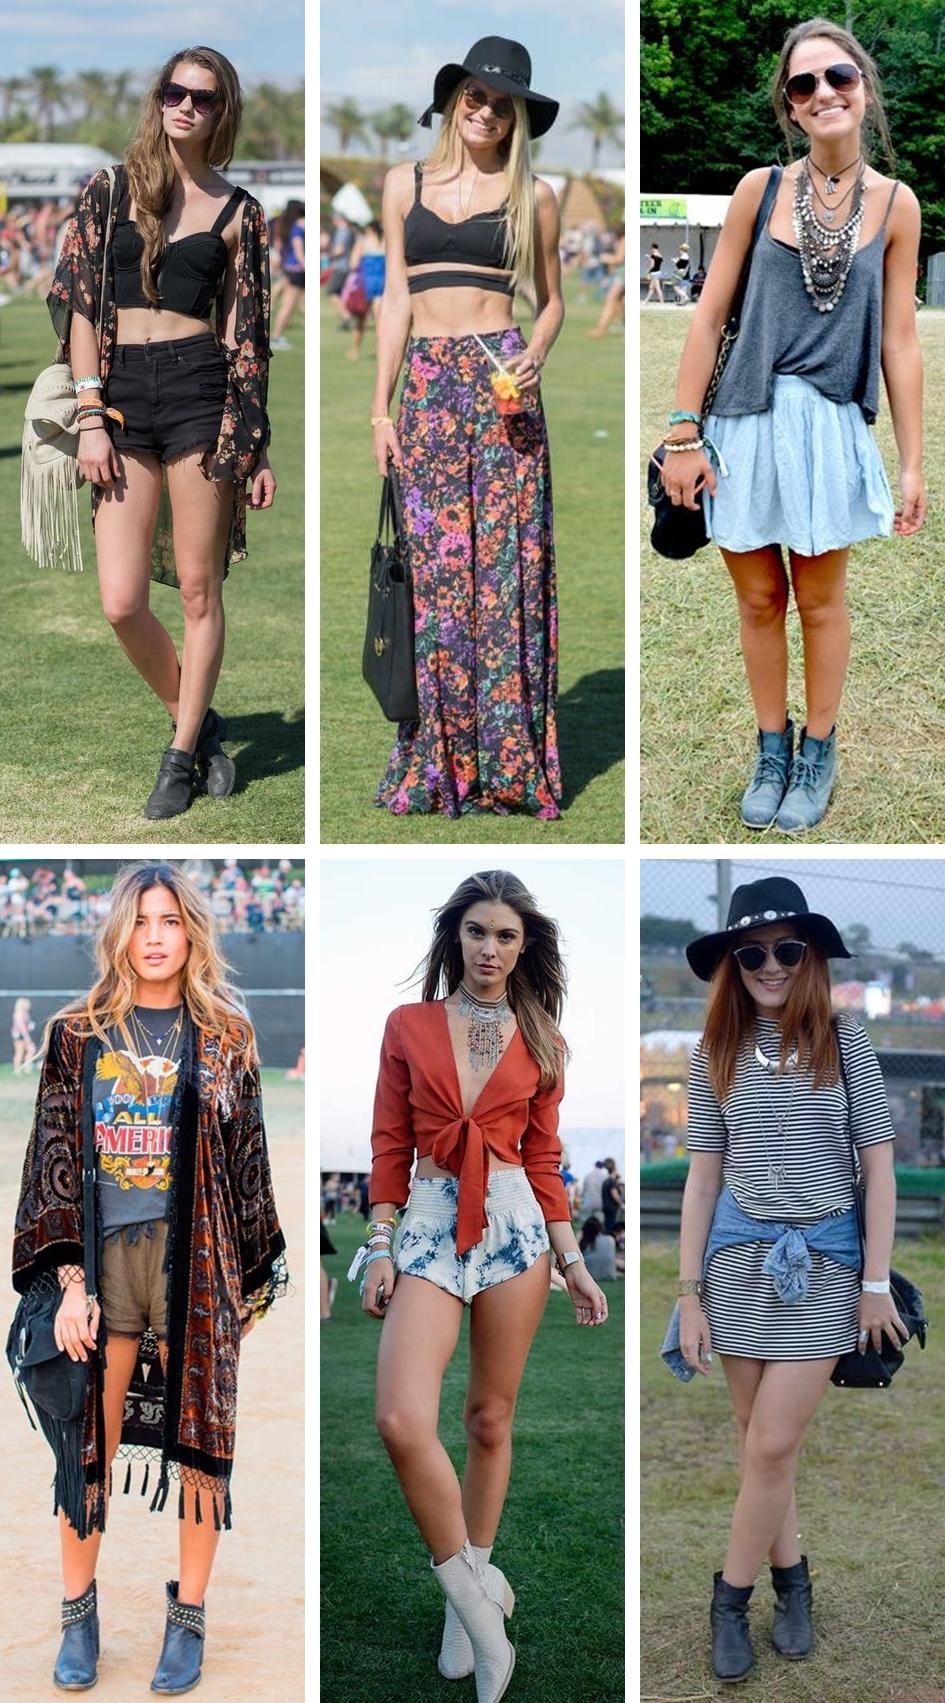 50 looks incriveis de festival 02 - 50 Looks Incríveis de Festival Pra Inspirar e Copiar